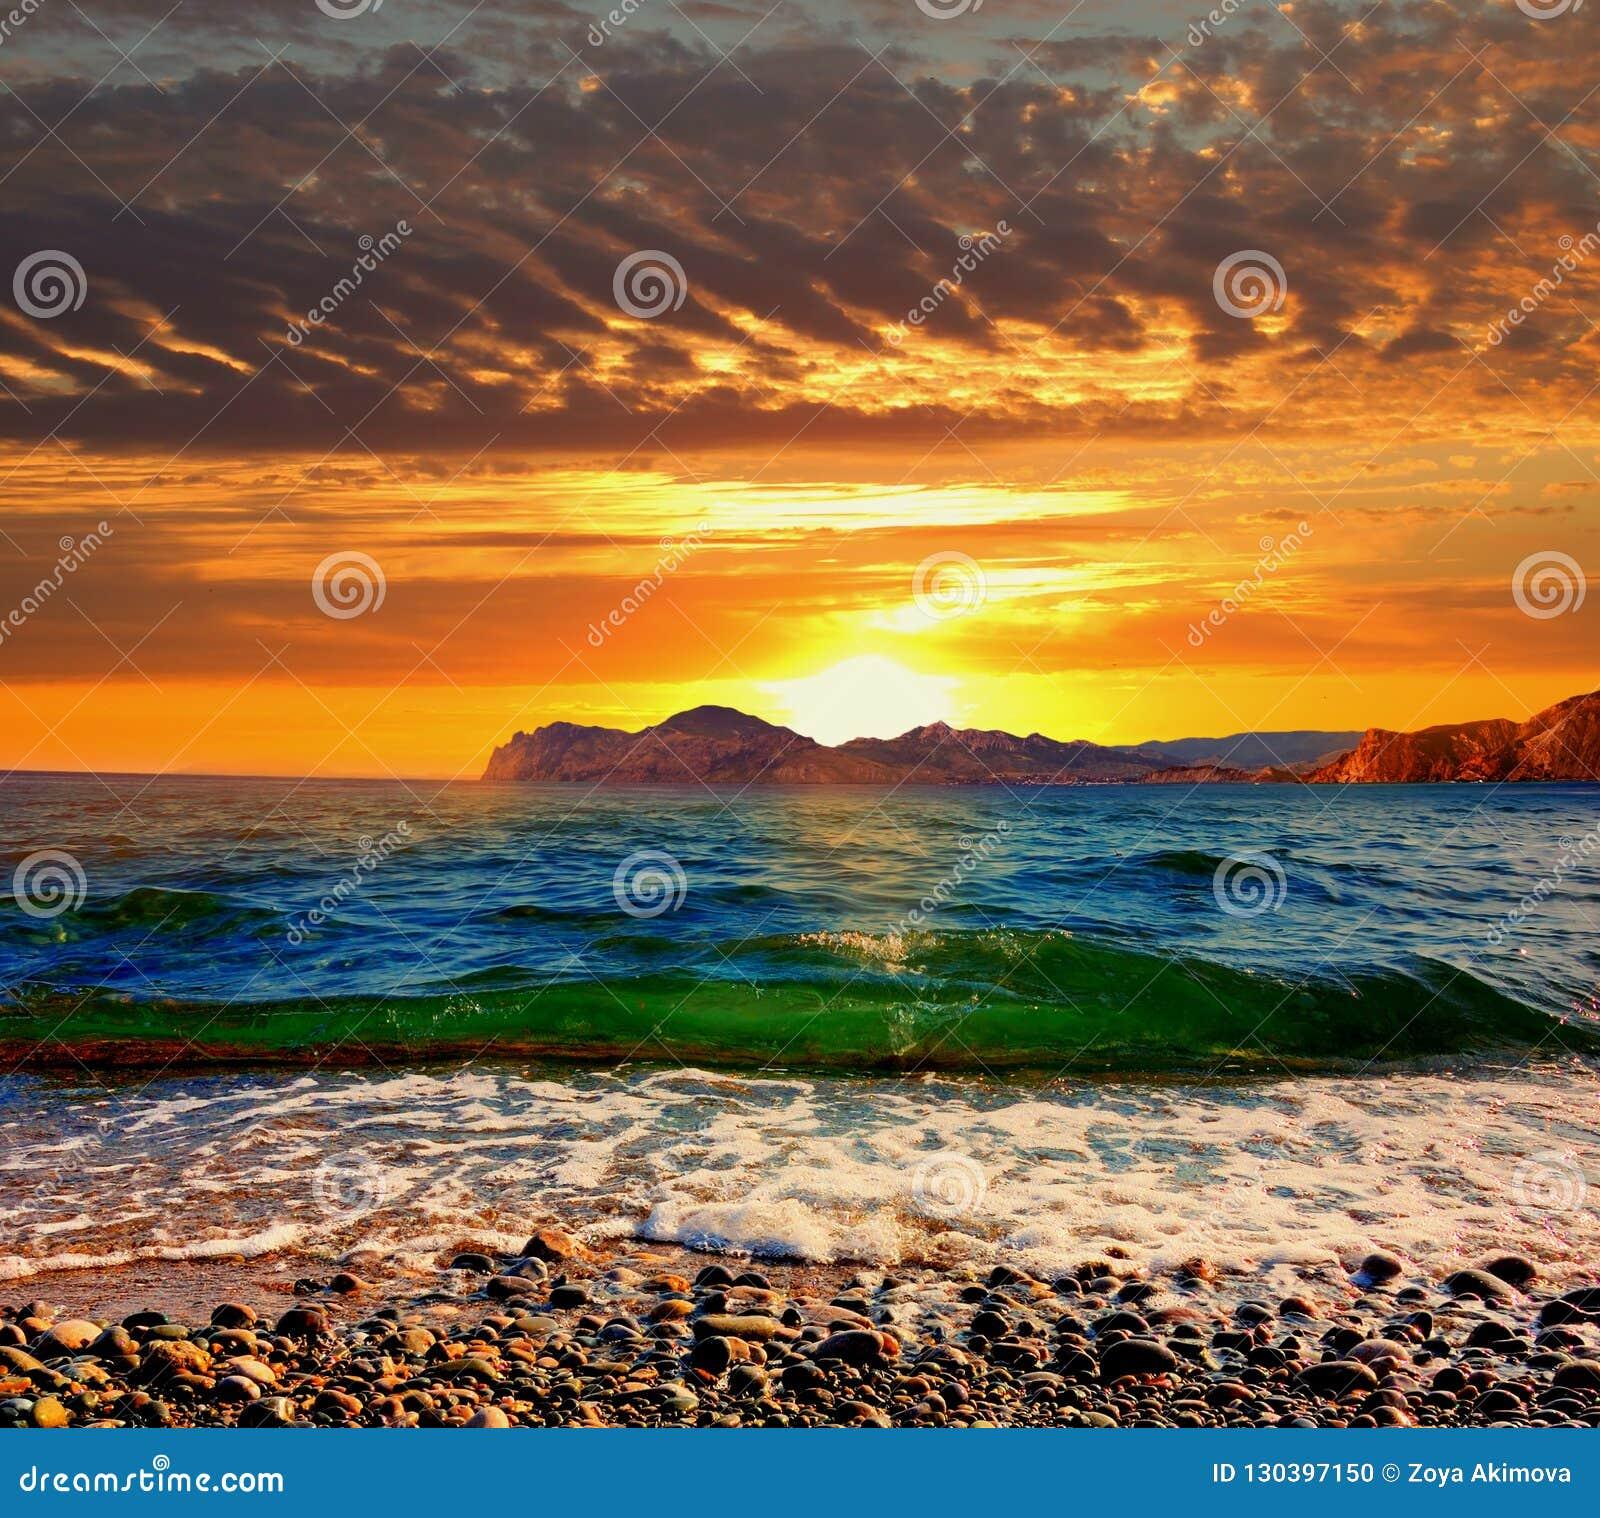 Sunset over Karadag